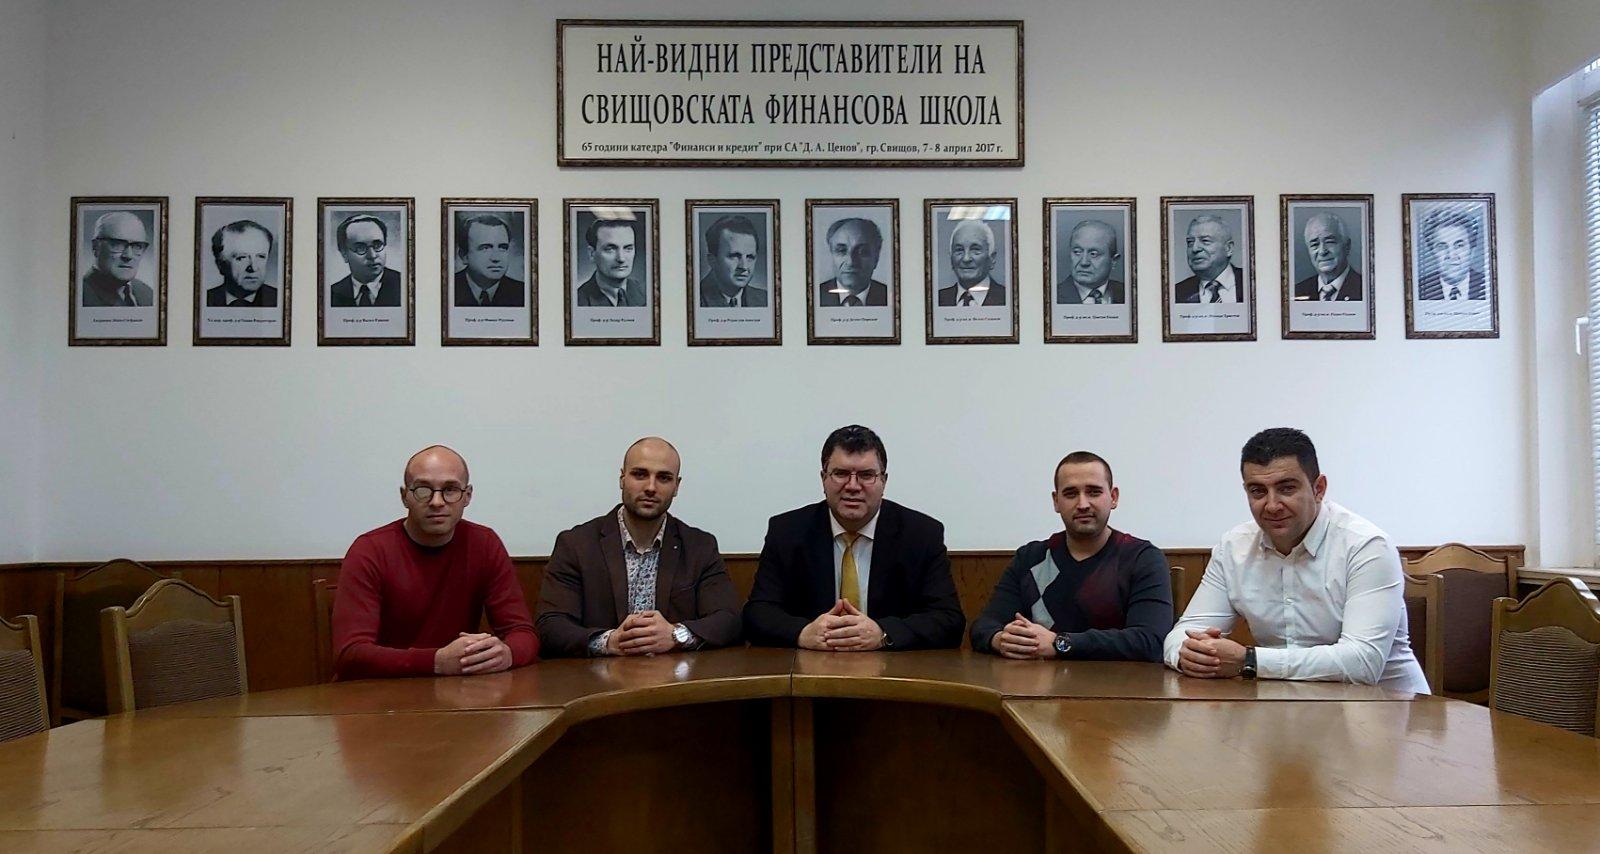 Дигитален формат и териториална експанзия на второто състезание по предприемачество във Враца (20.02.2020 г.)